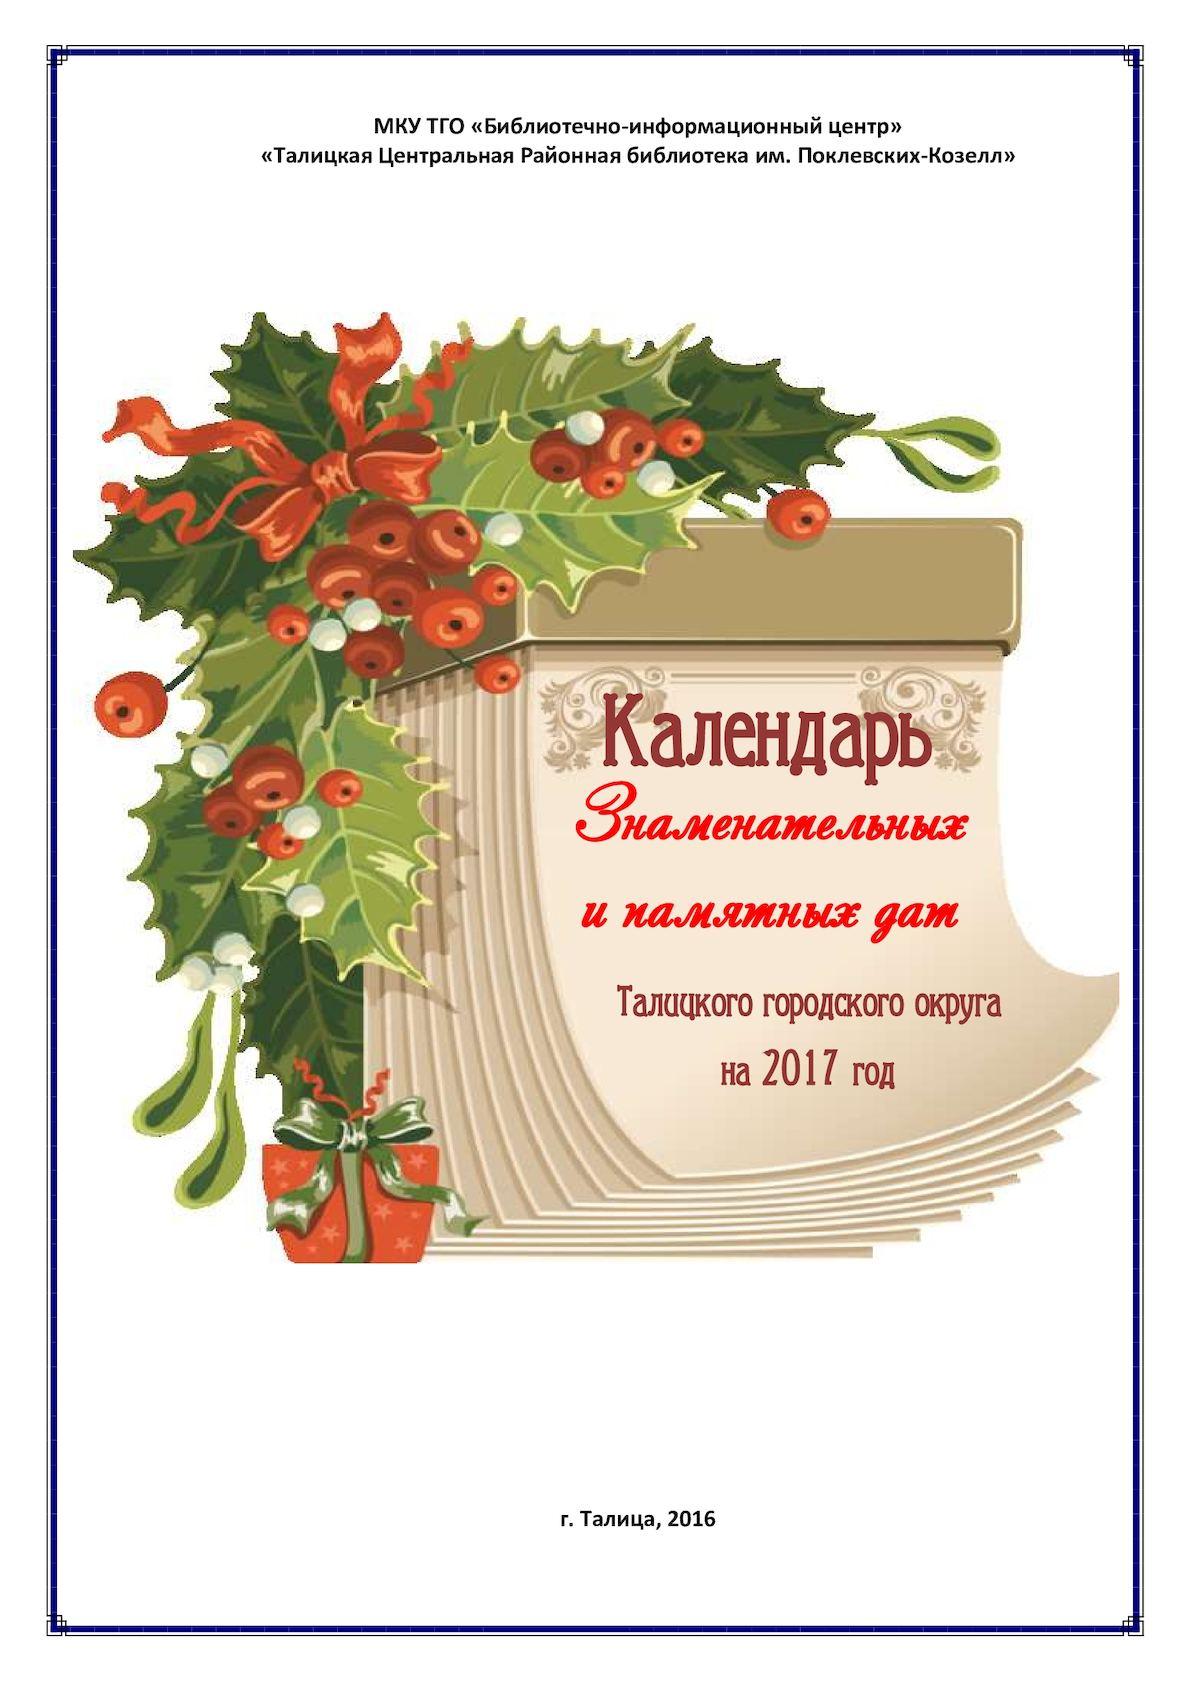 Картинка из календаря памятных дат